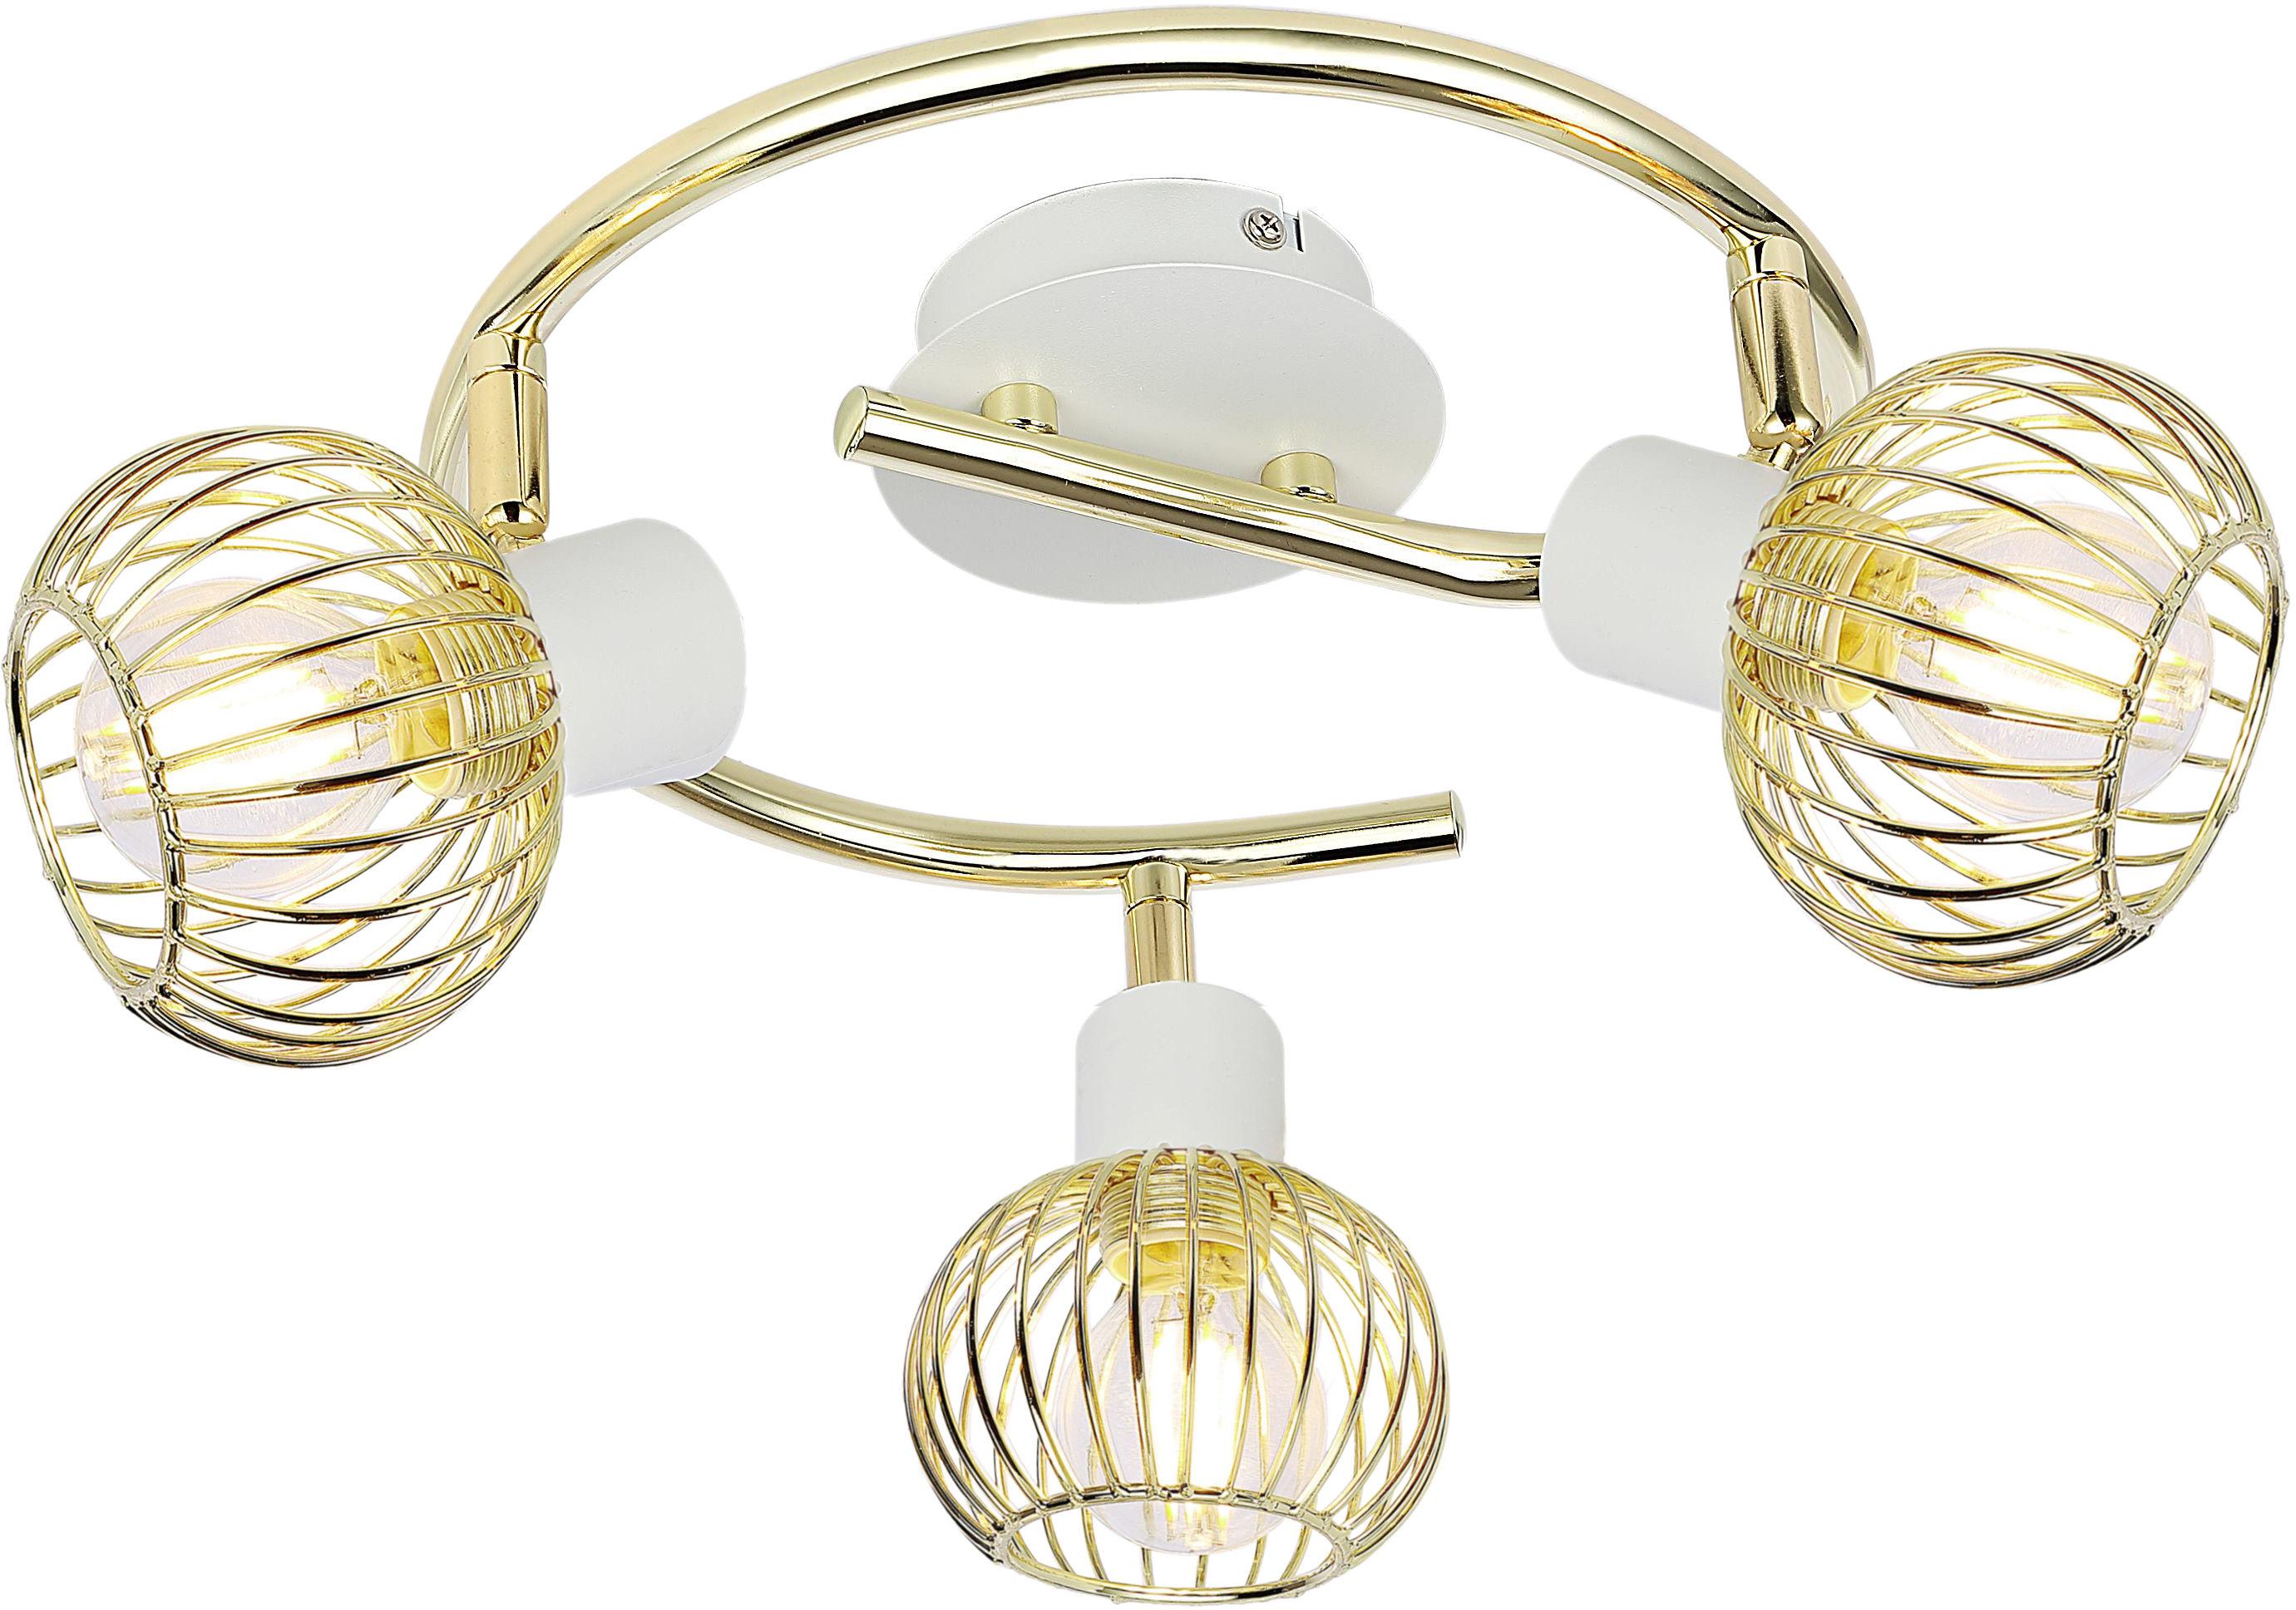 Candellux OSLO 98-61829 plafon lampa sufitowa biały+złoty 3X40W E14 regulacja klosza 42cm